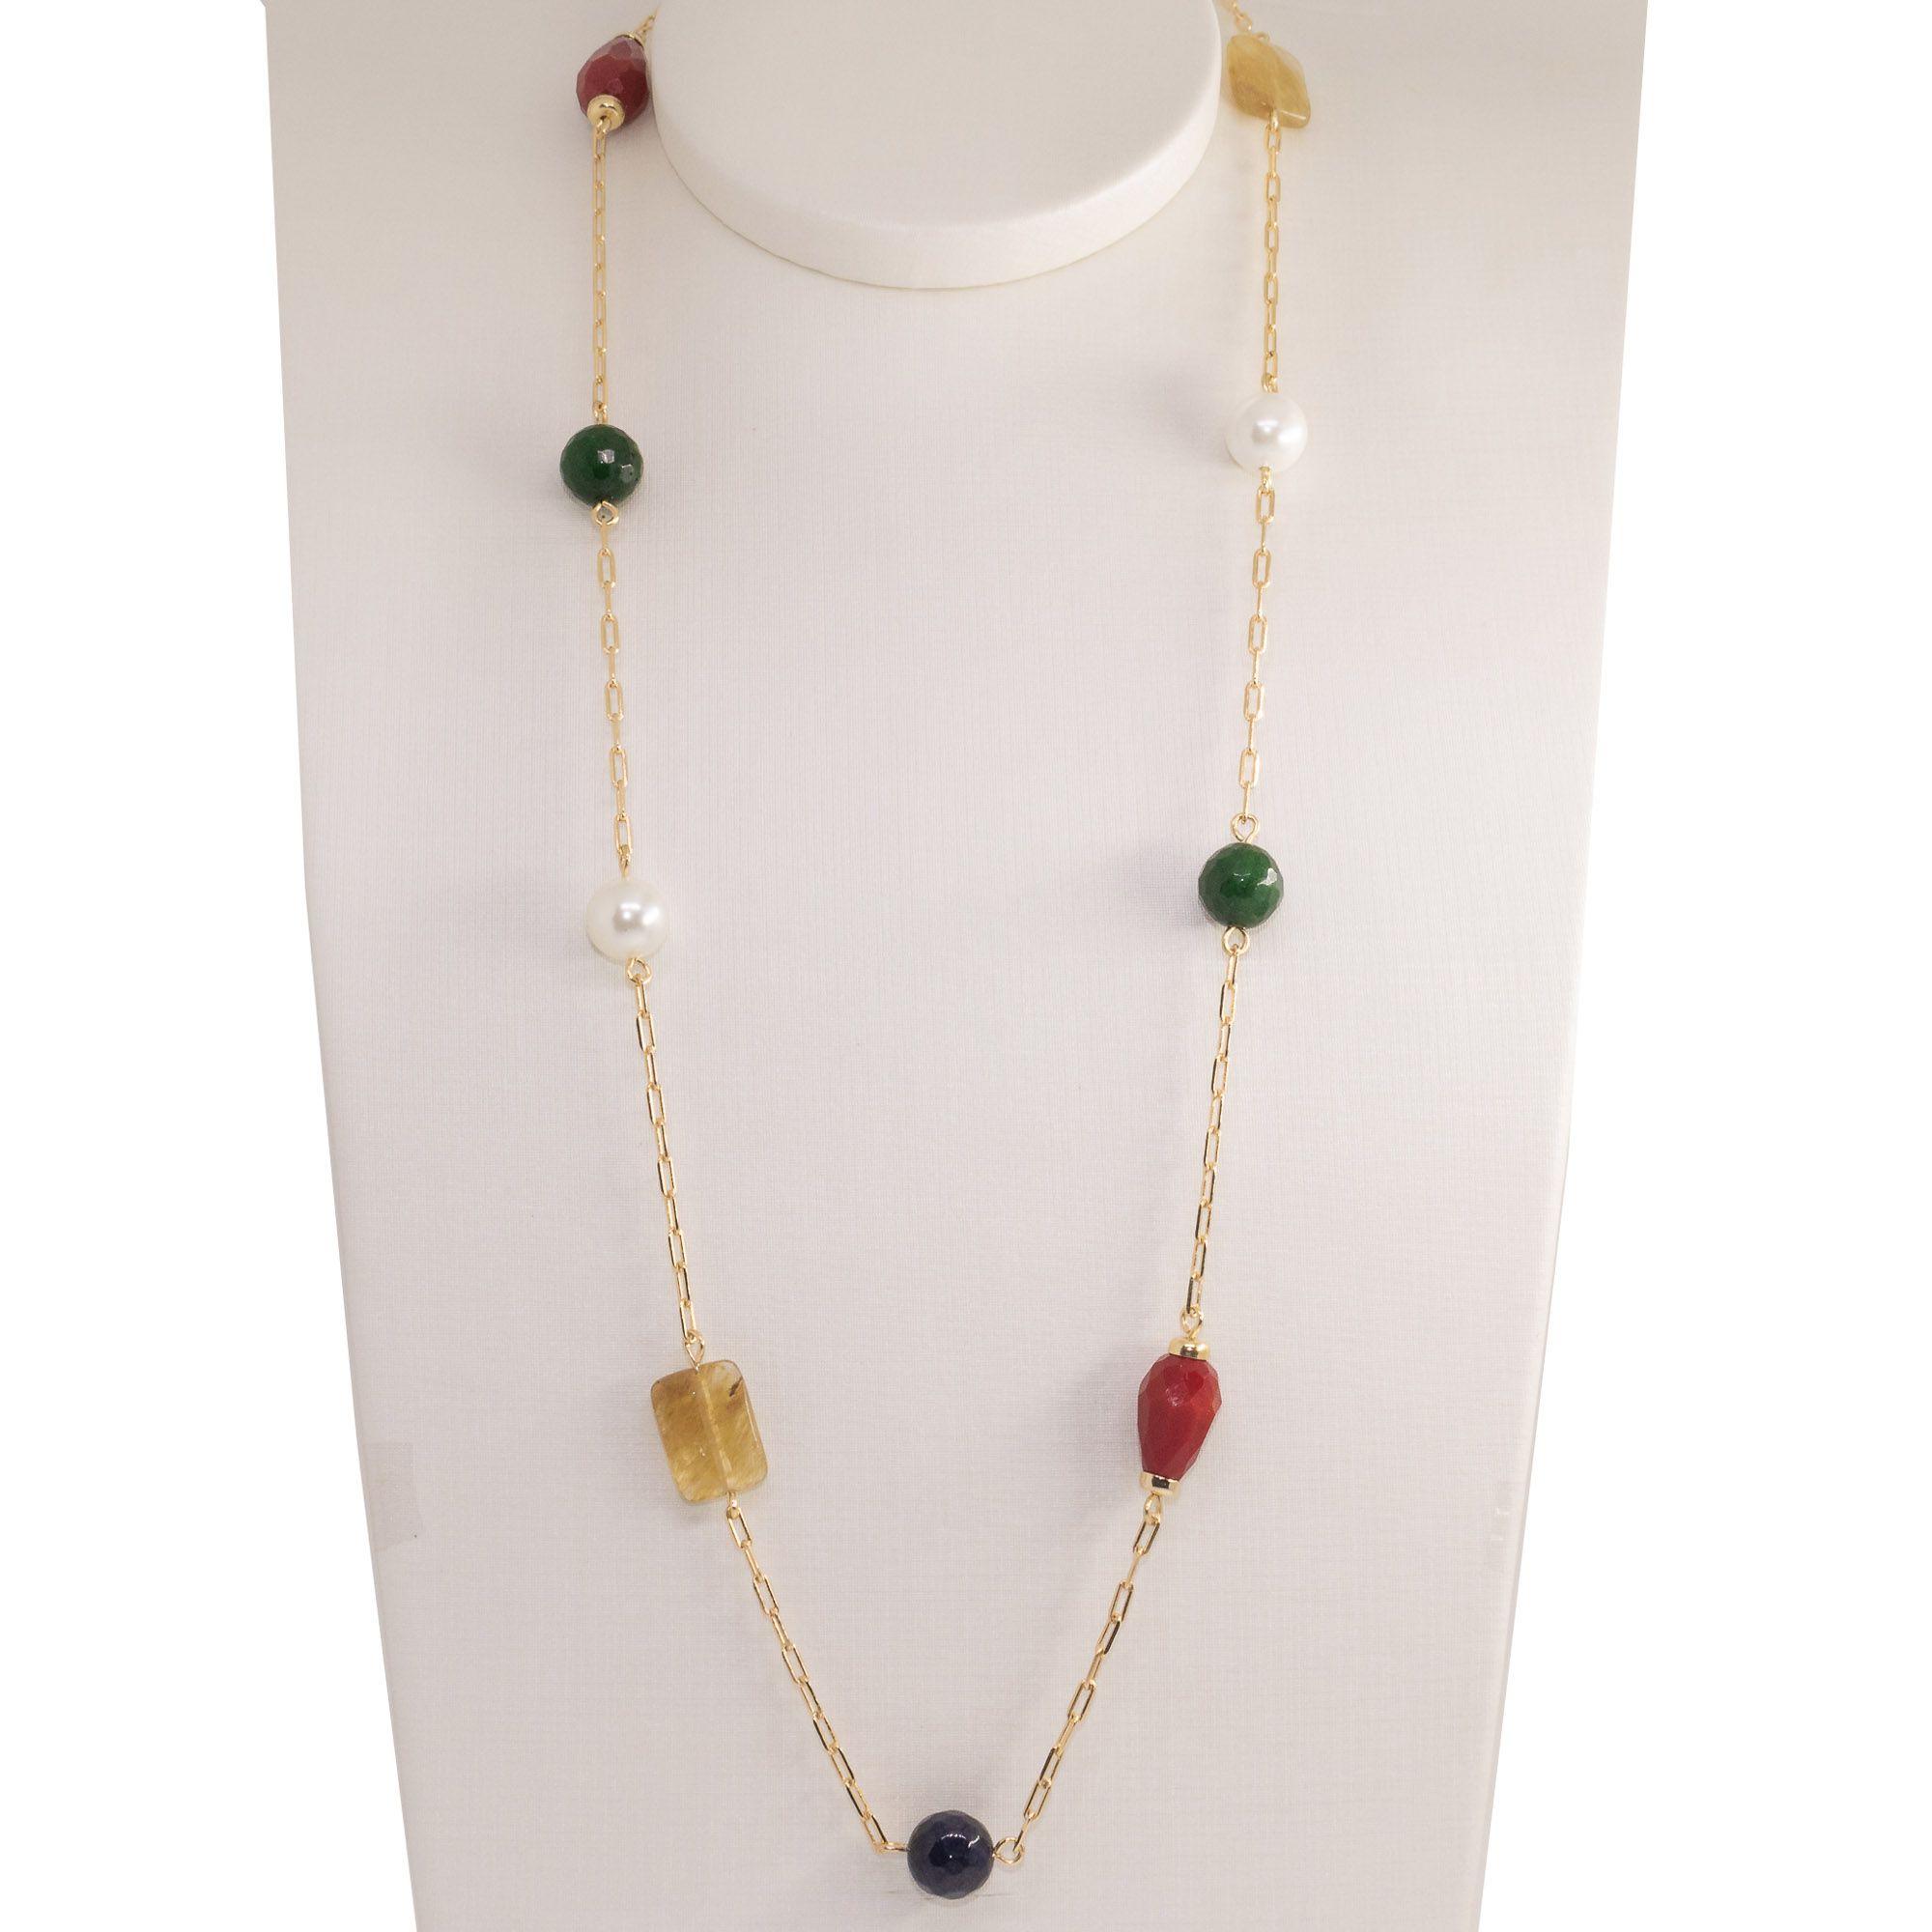 colar semi joia  longo com pedras naturais  Pastilhas folheado a ouro 18k ou rhodium